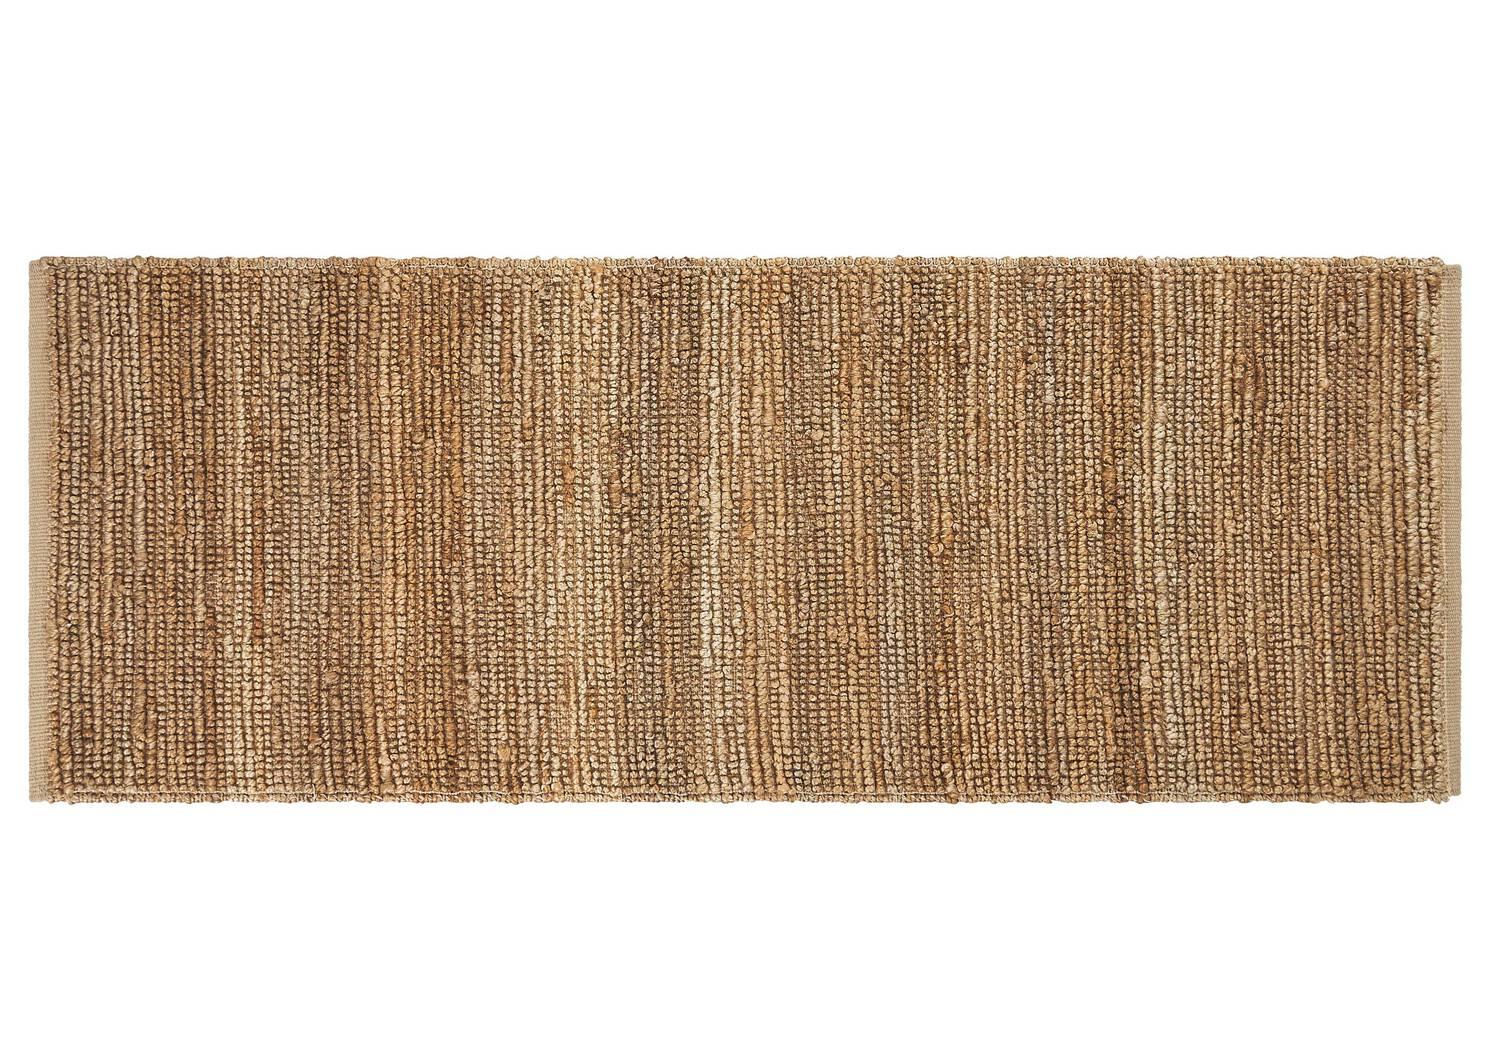 Tapis de couloir Doherty 30x84 naturel